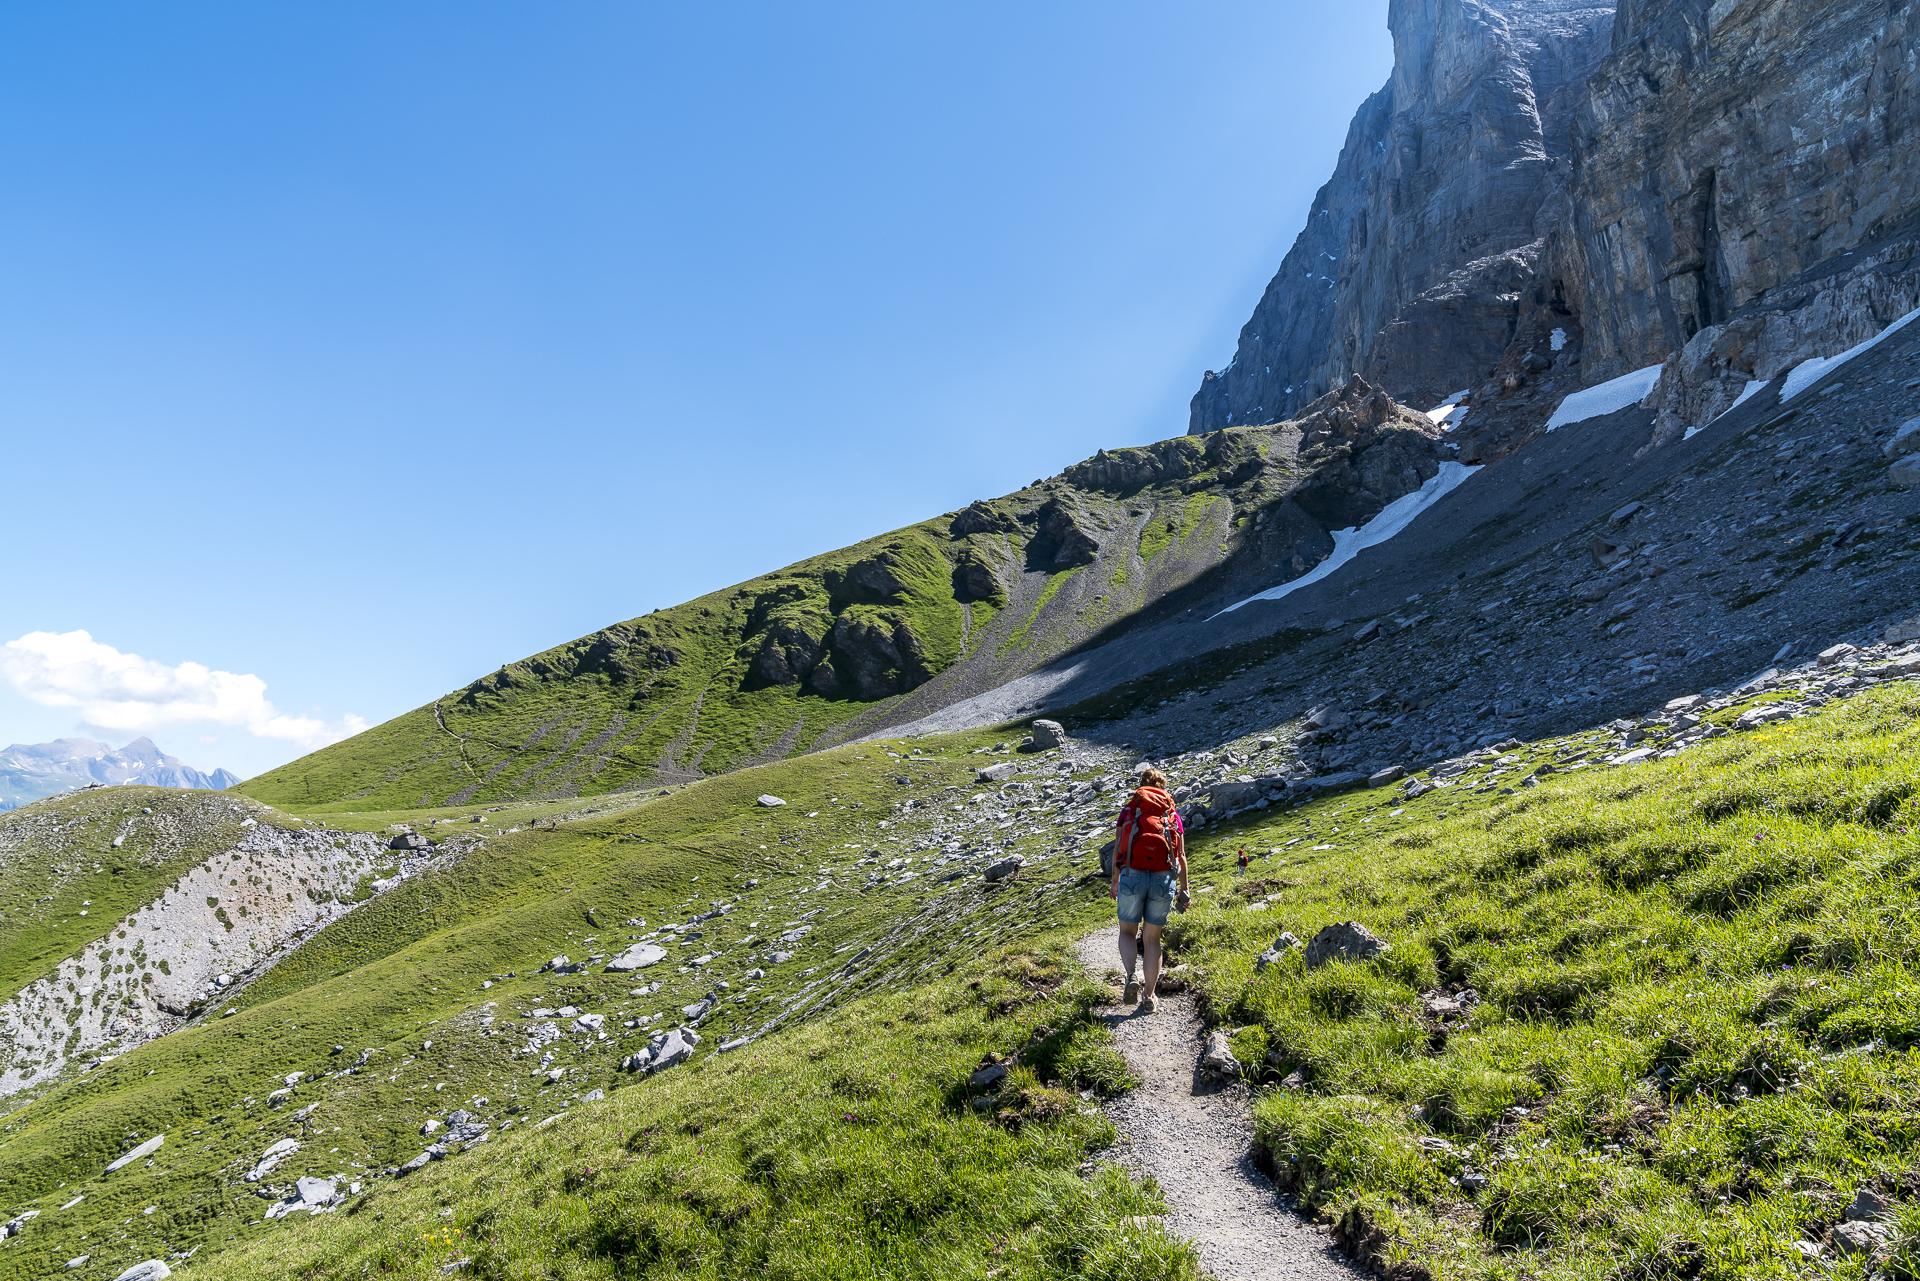 Wanderung auf dem Eiger Trail